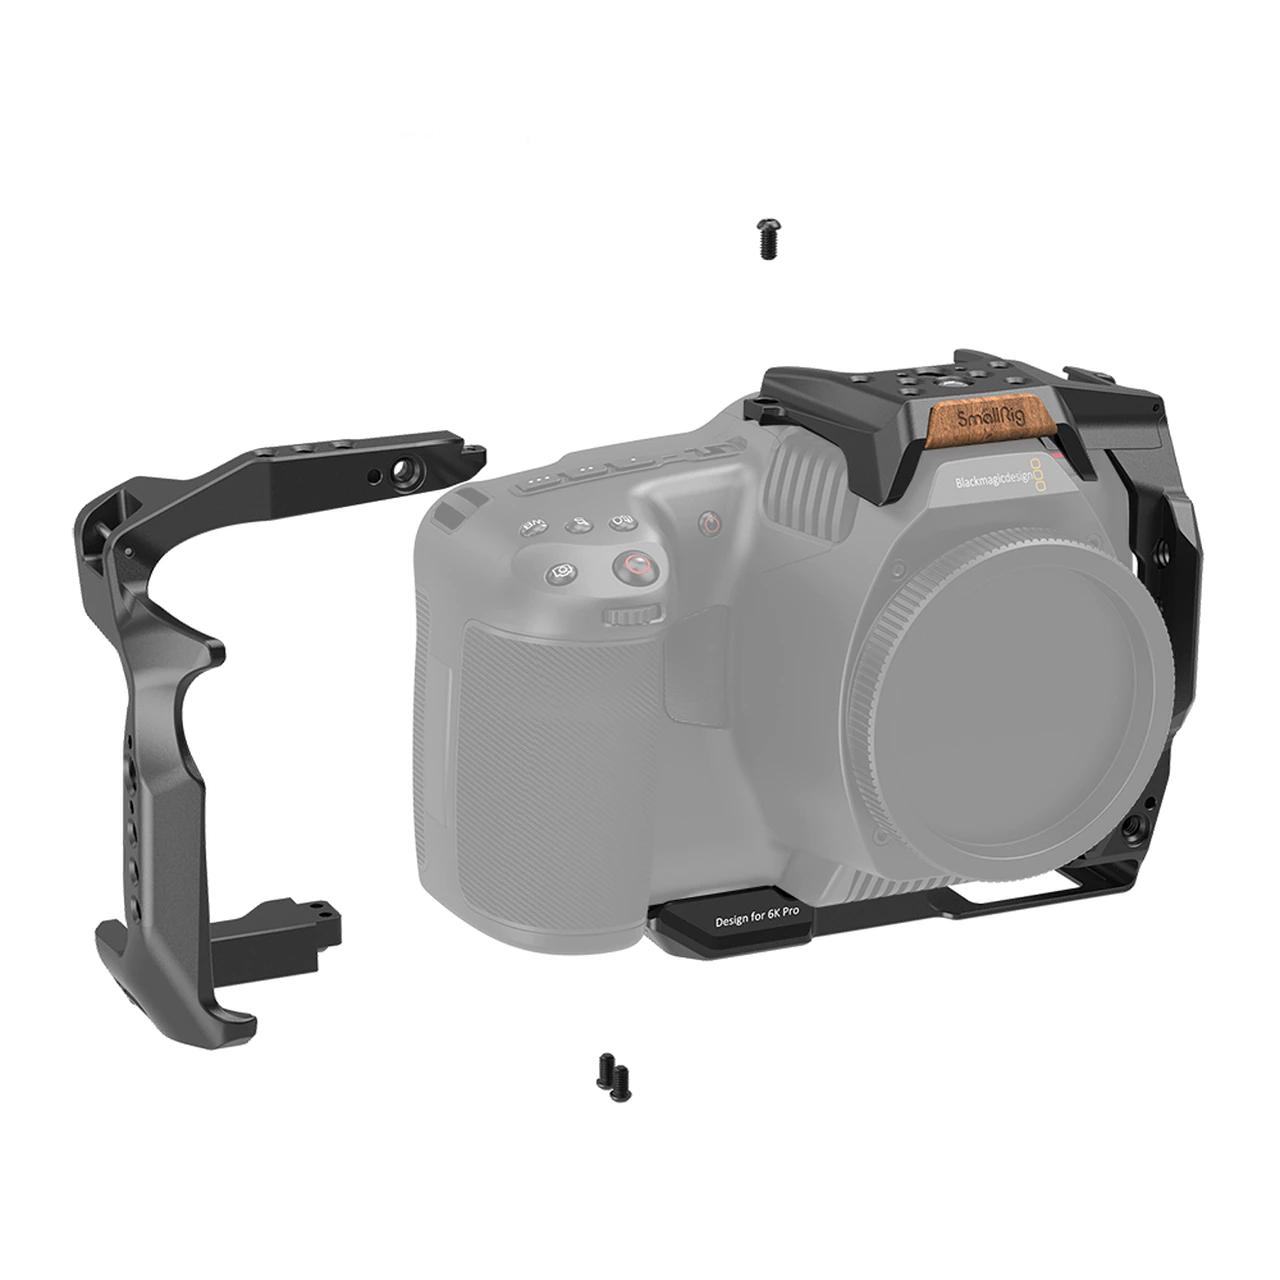 smallrig-3270-full-camera-cage-klatka-operatorska-bmpcc-6k-pro-pocket-06%281%29.jpg